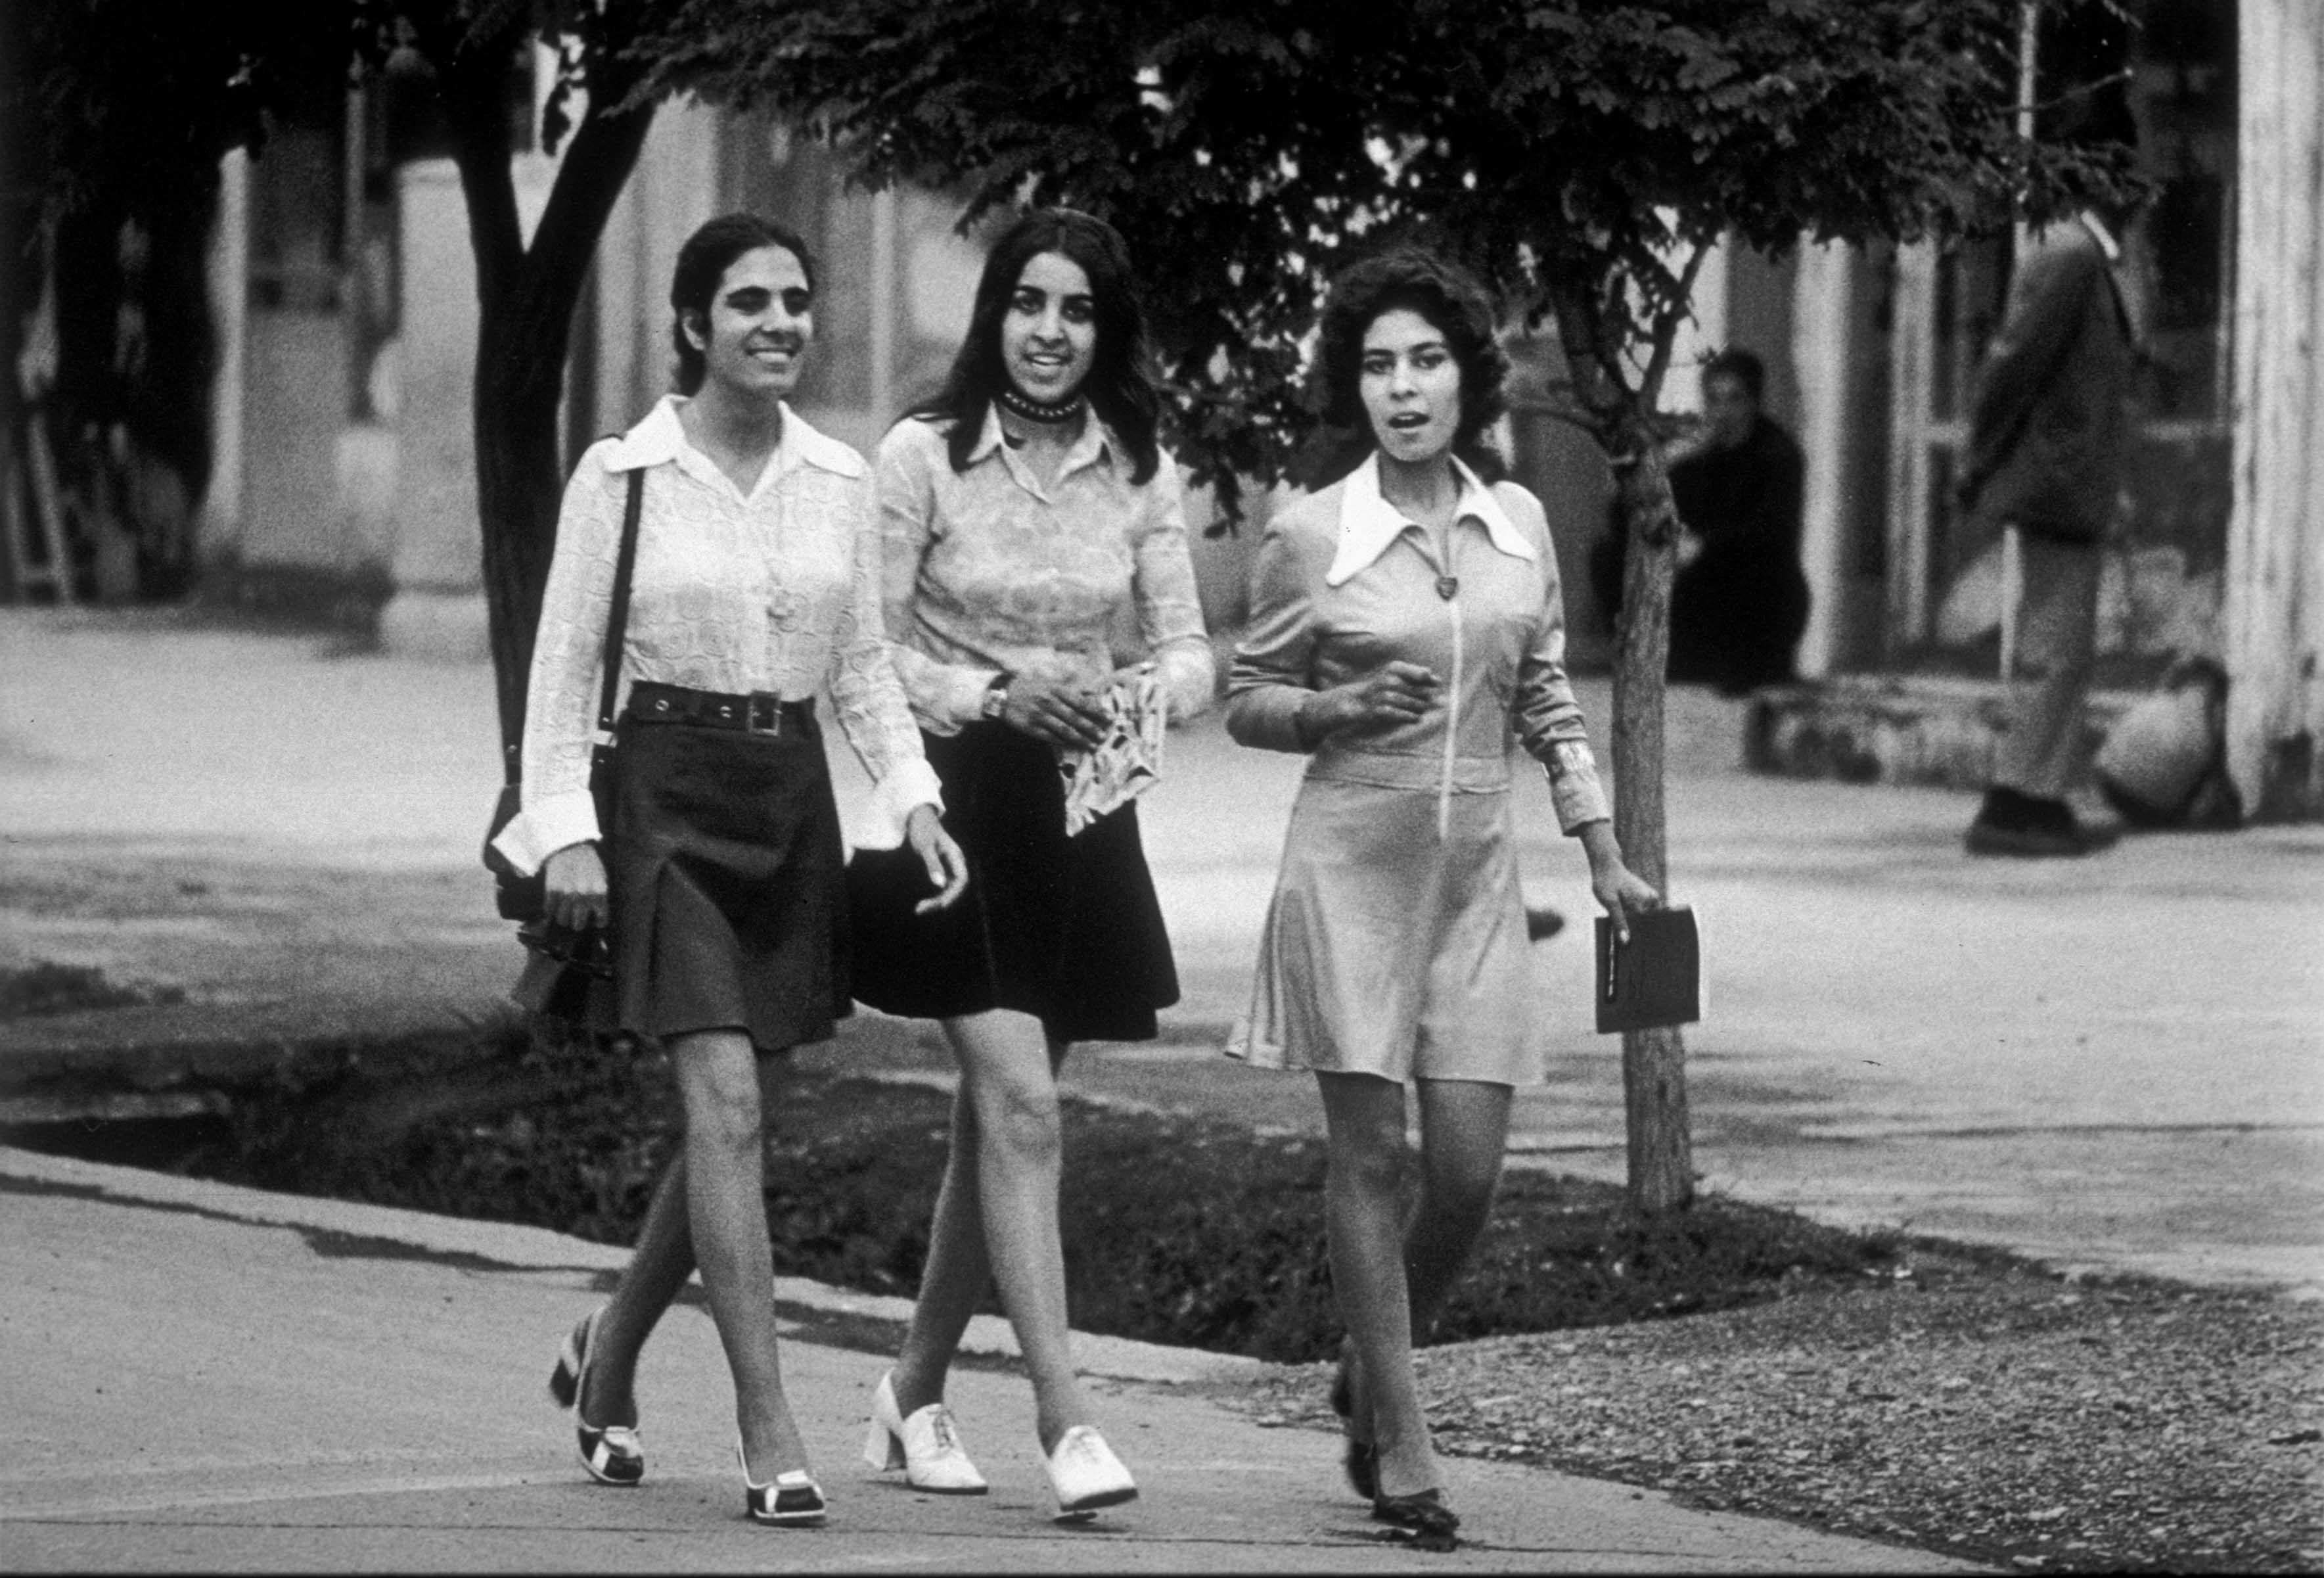 Mulheres andando de mini-saia em Kabul, capital do Afeganistão, no ano de 1972.